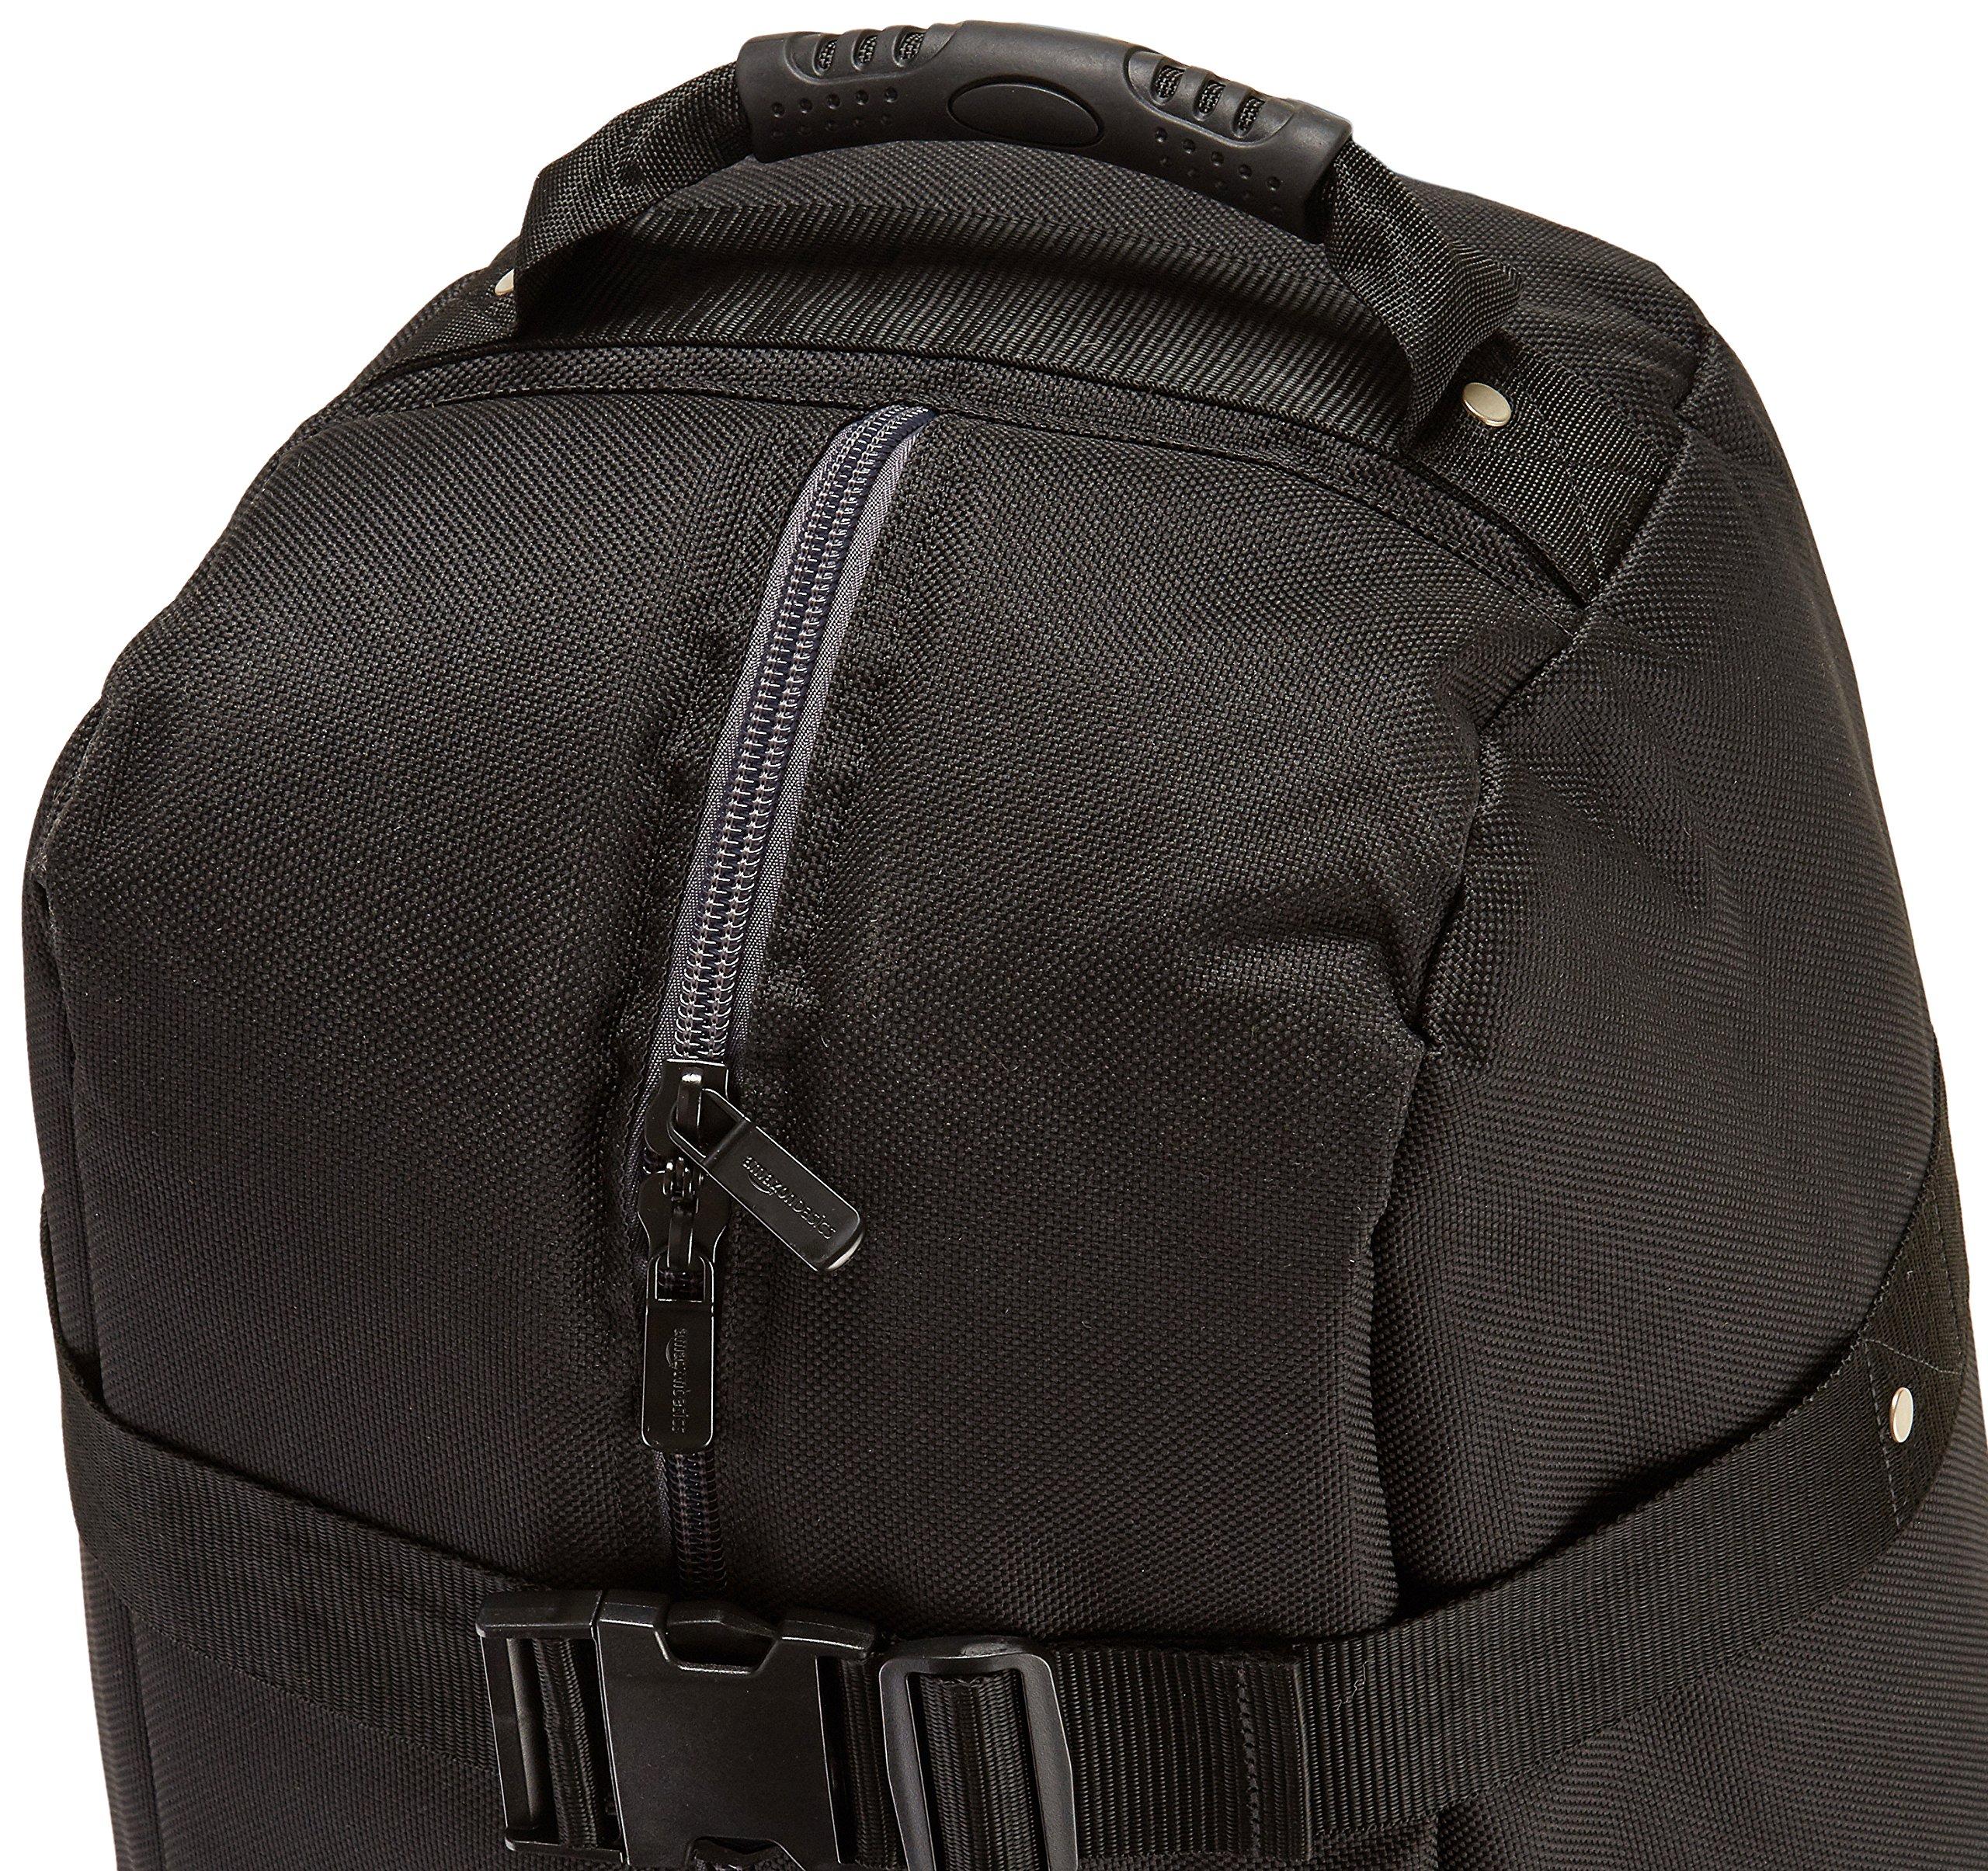 Xterra Paddle Boards >> AmazonBasics Soft-Sided Golf Travel Bag | ExerciseN